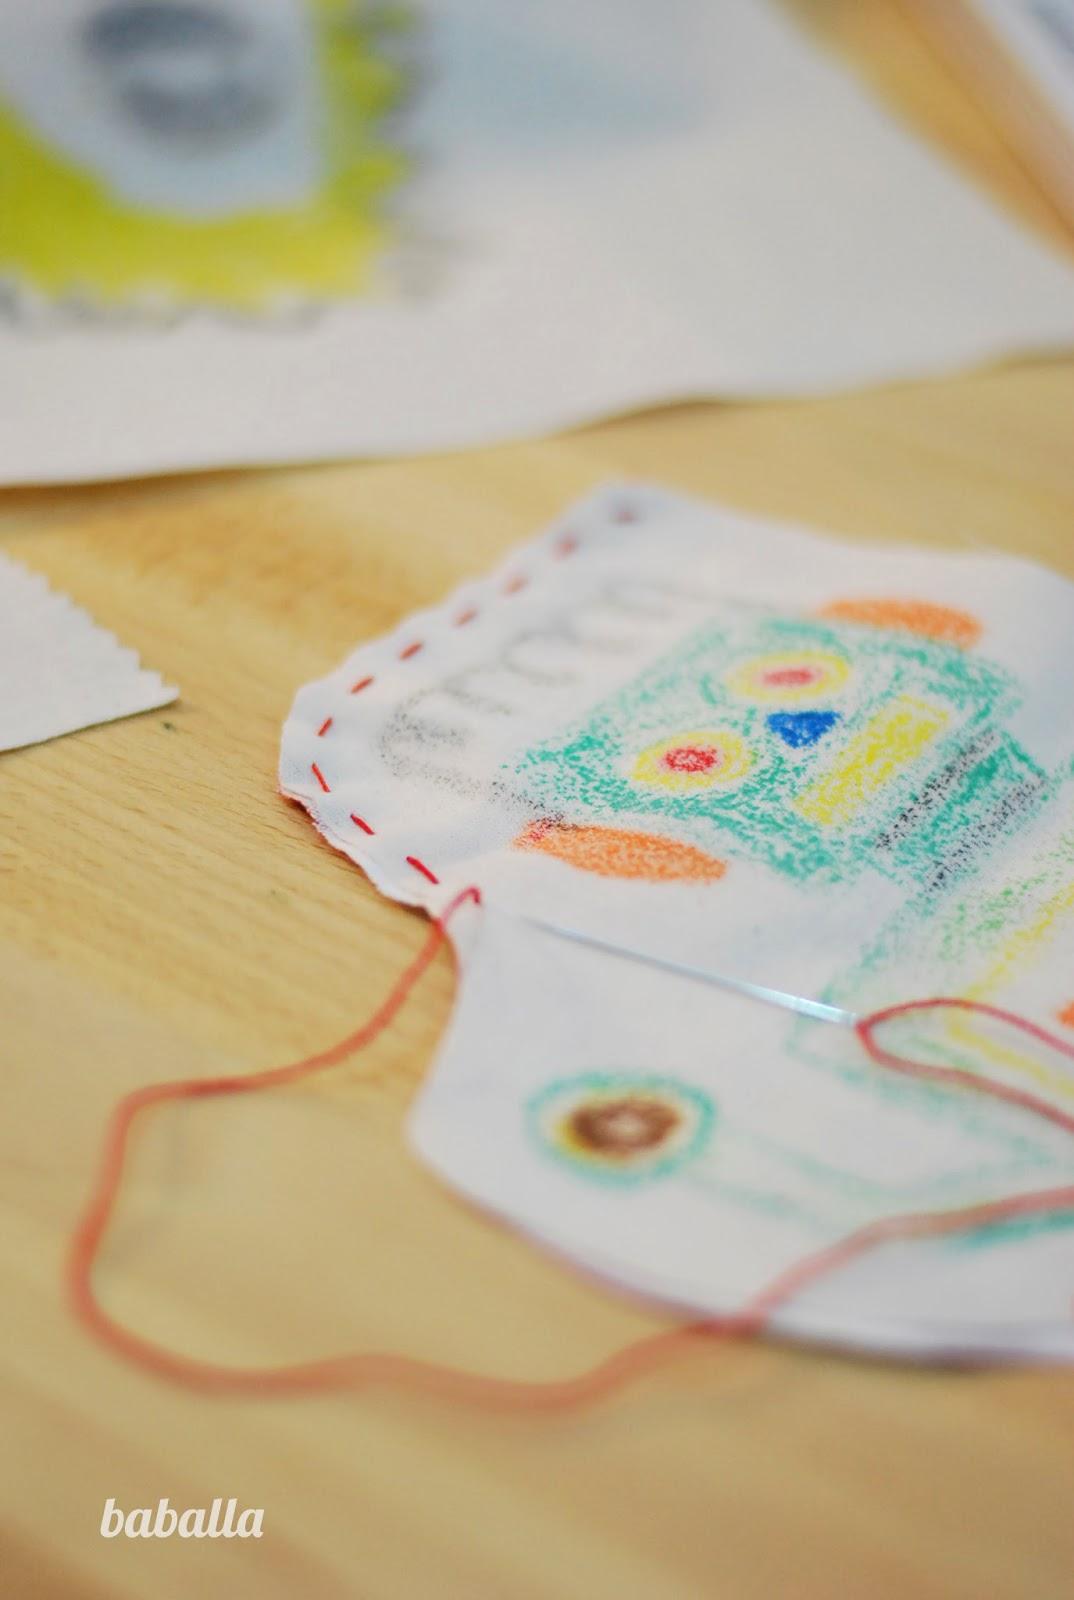 cojín con dibujo de niño